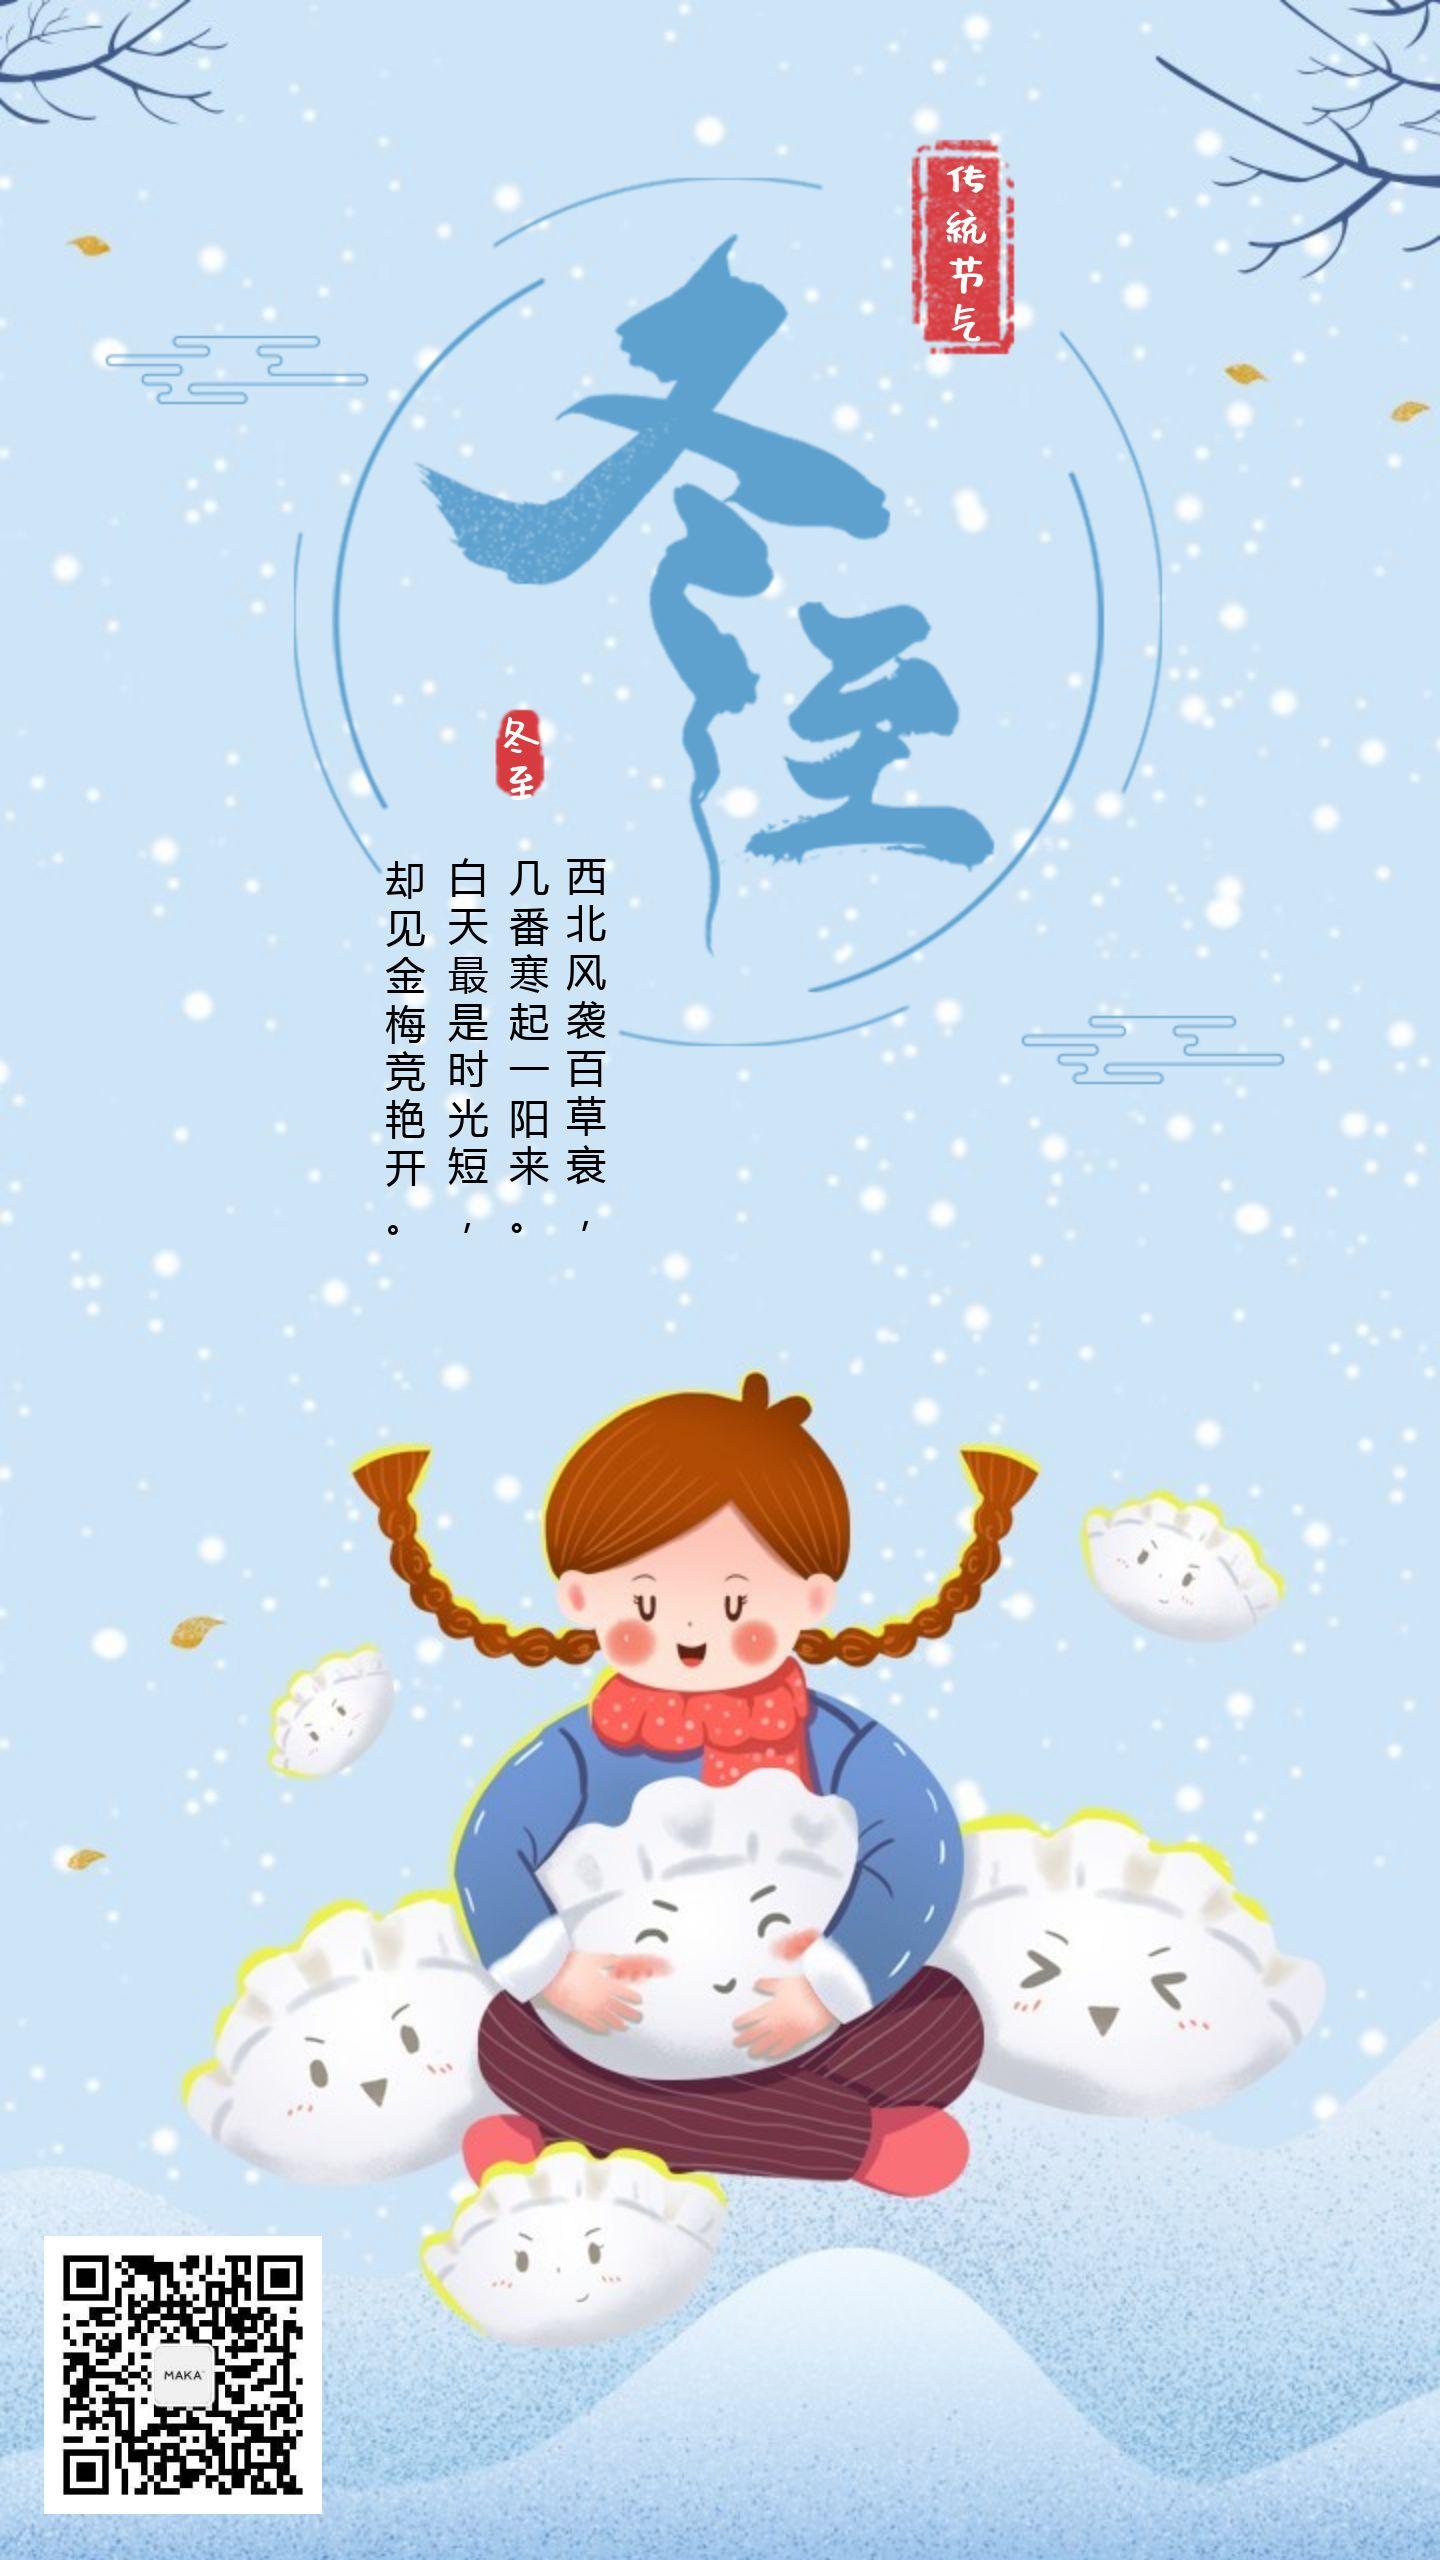 蓝色手绘冬至雪景插画海报